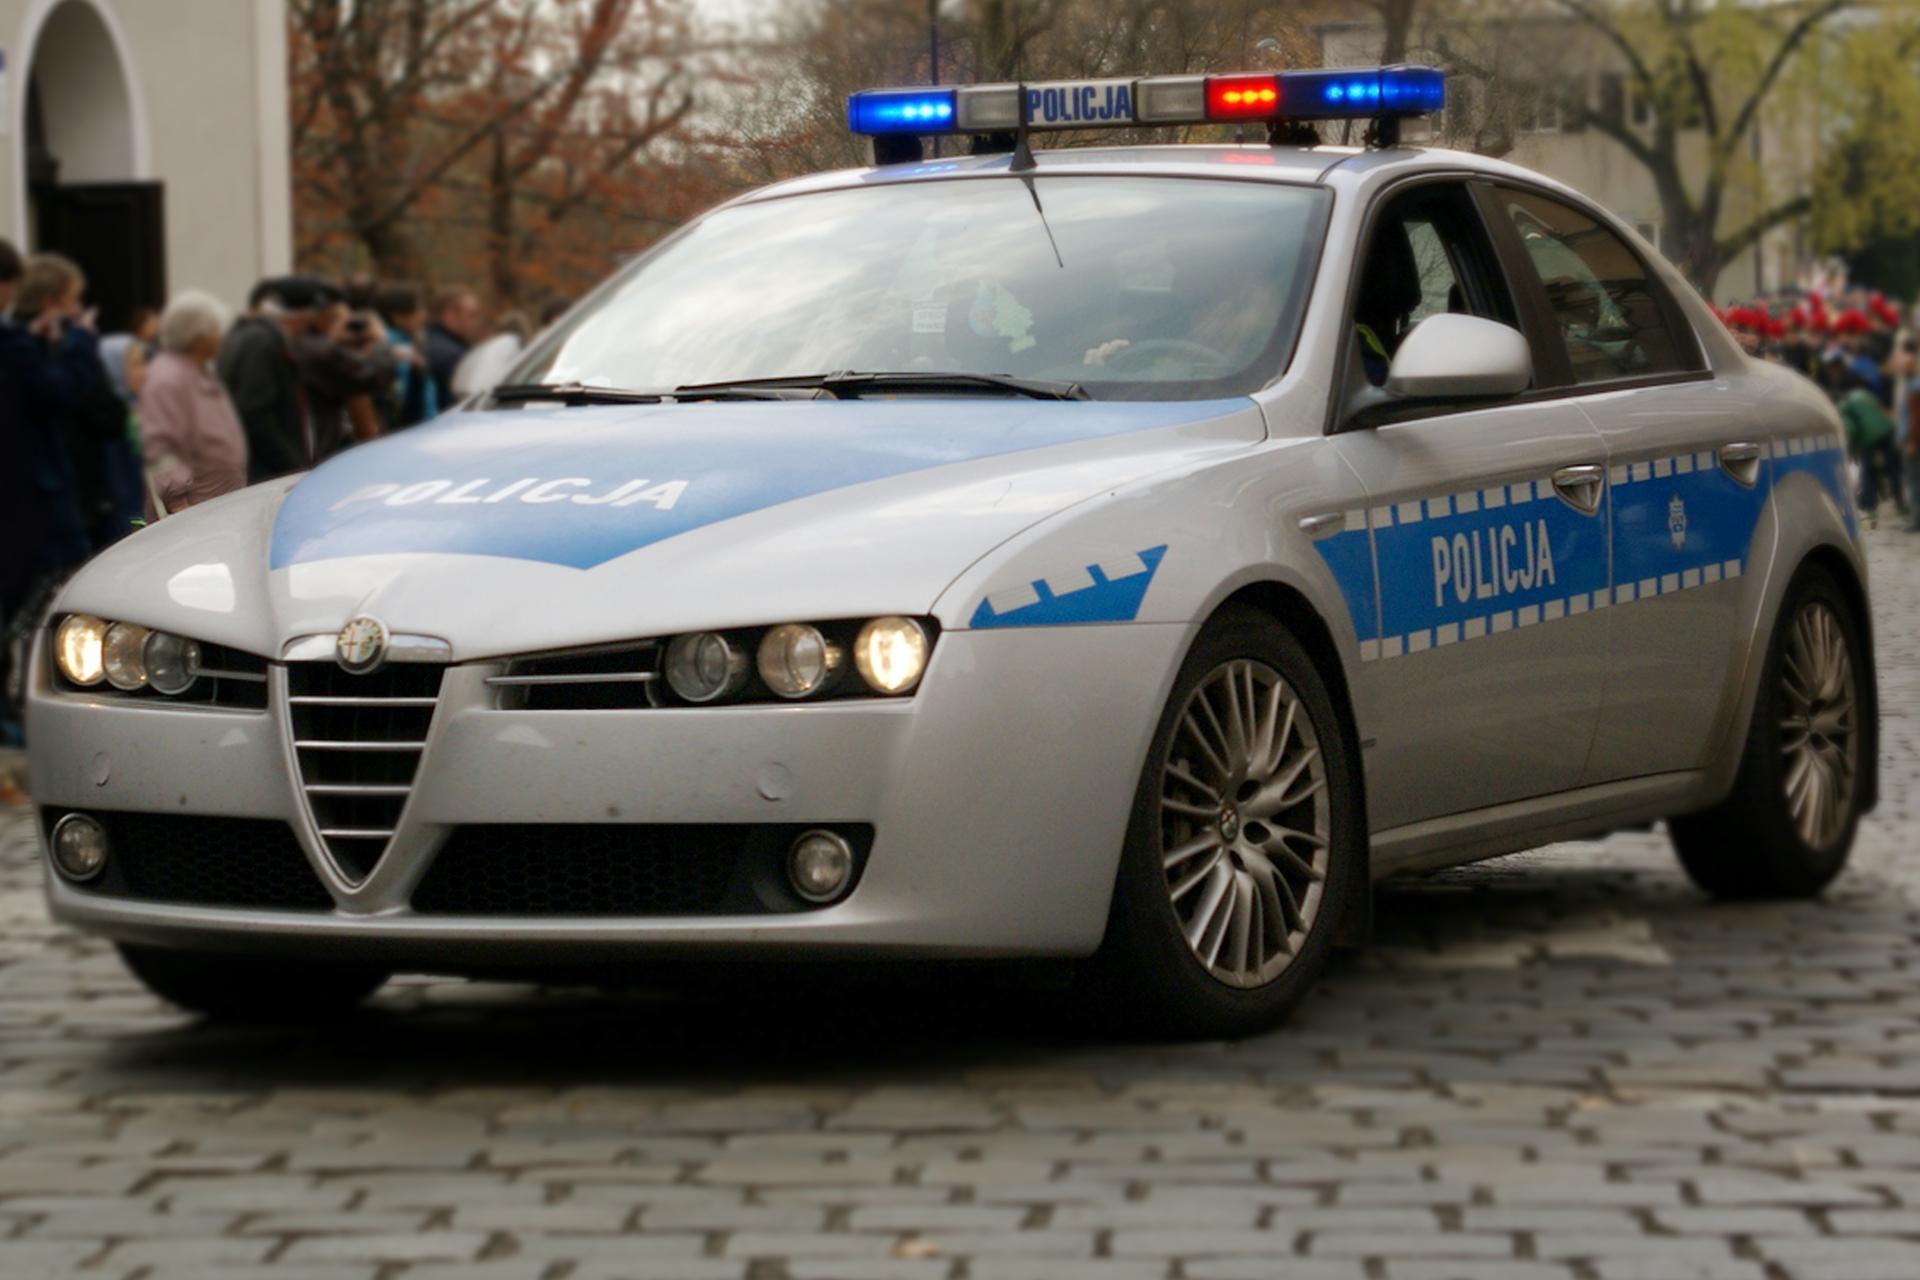 Zdjęcie ukazujące radiowóz jadący na sygnale